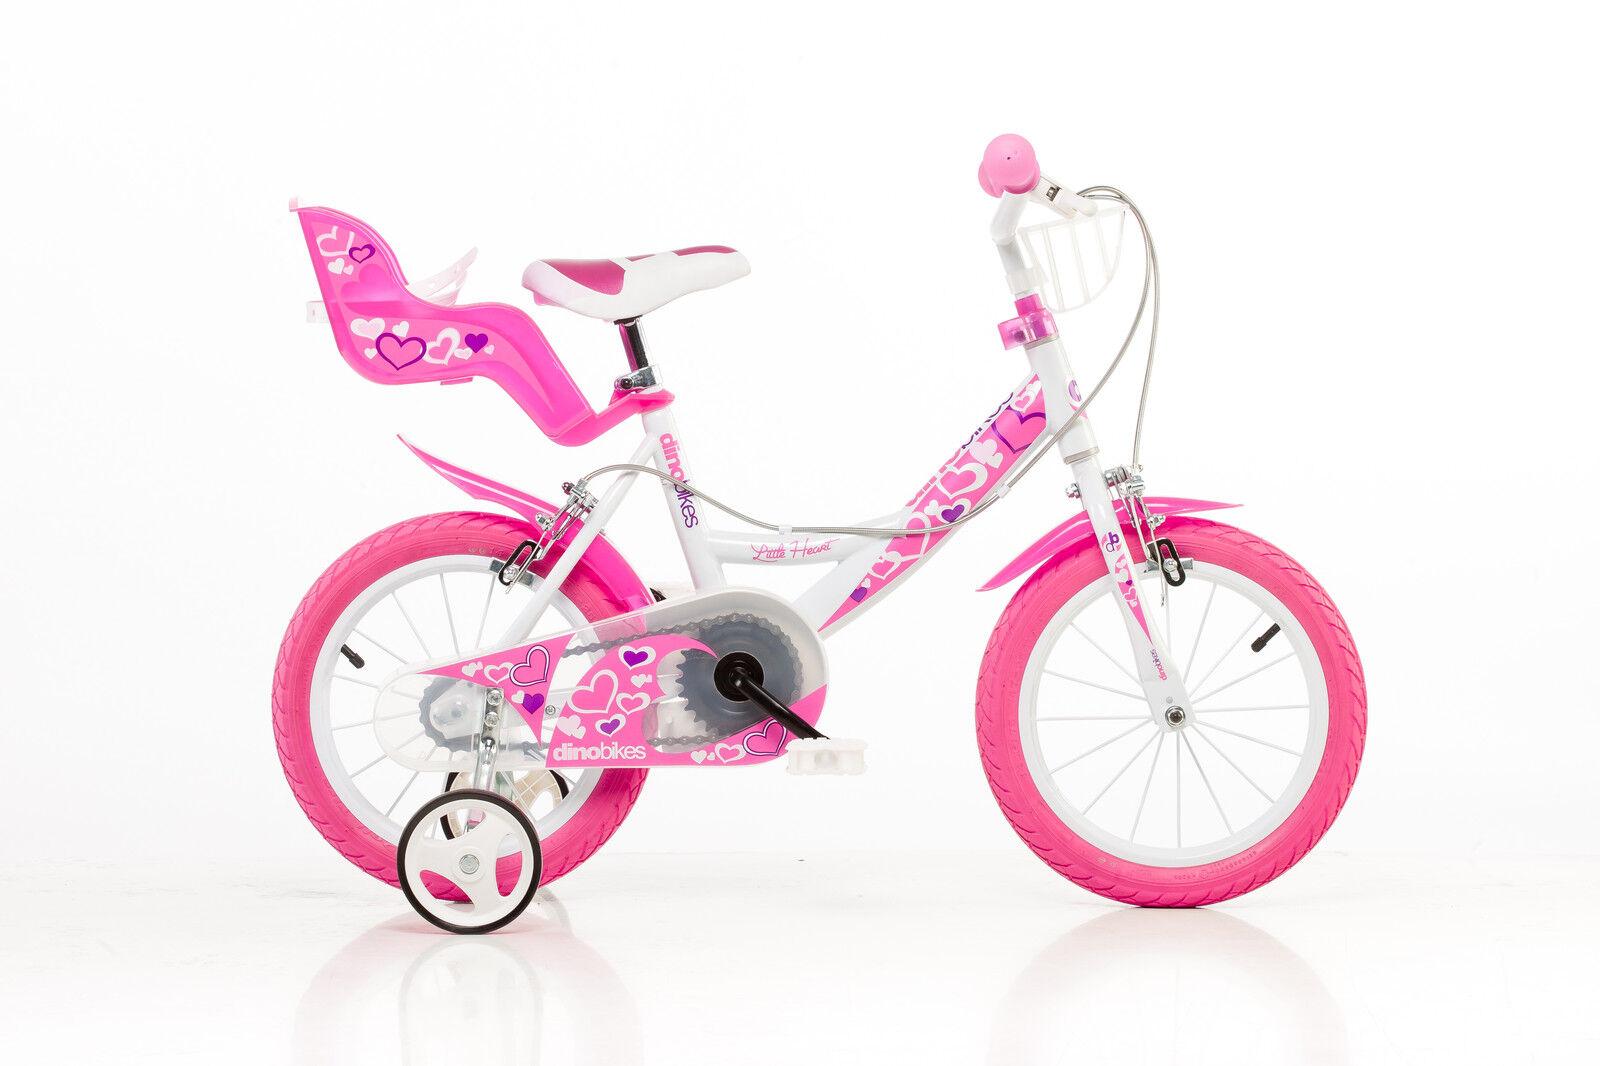 16 Zoll Zoll Zoll Kinderfahrrad164RN Mädchenfahrrad Kinderrad Fahrrad Spielrad b1b595